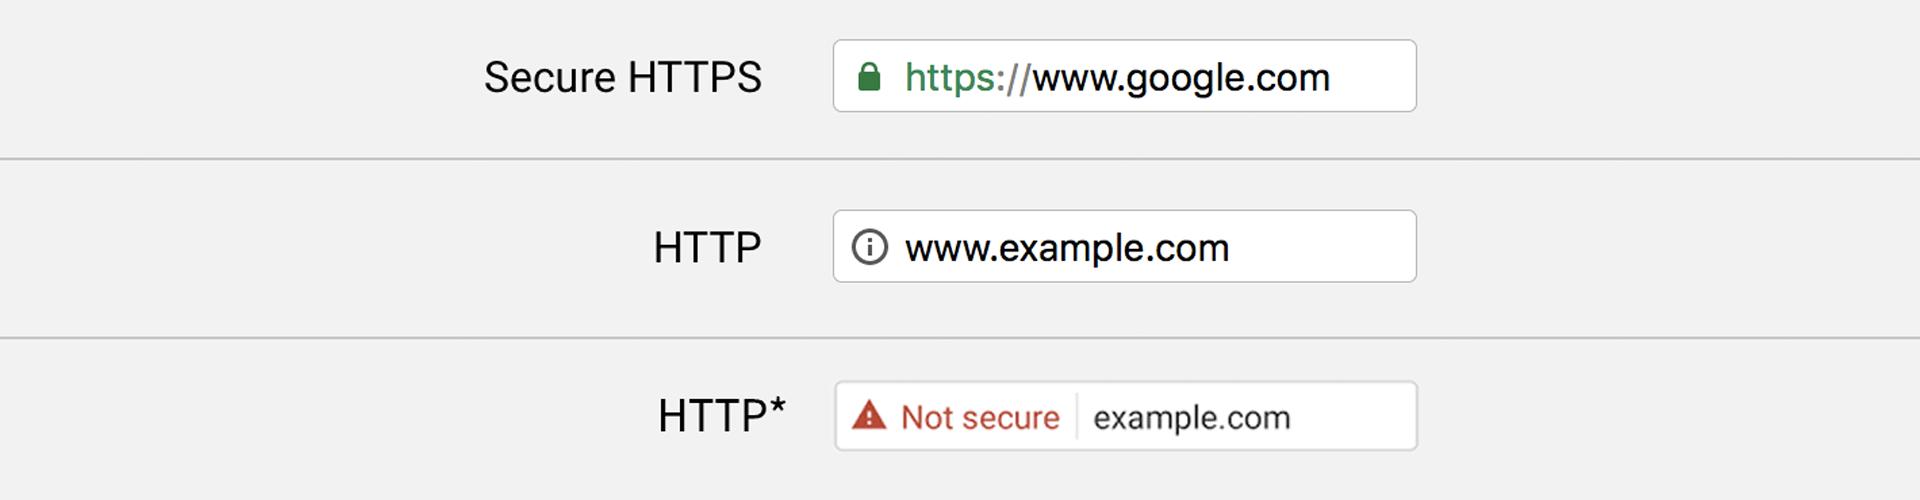 SSL vs non SSL website URL